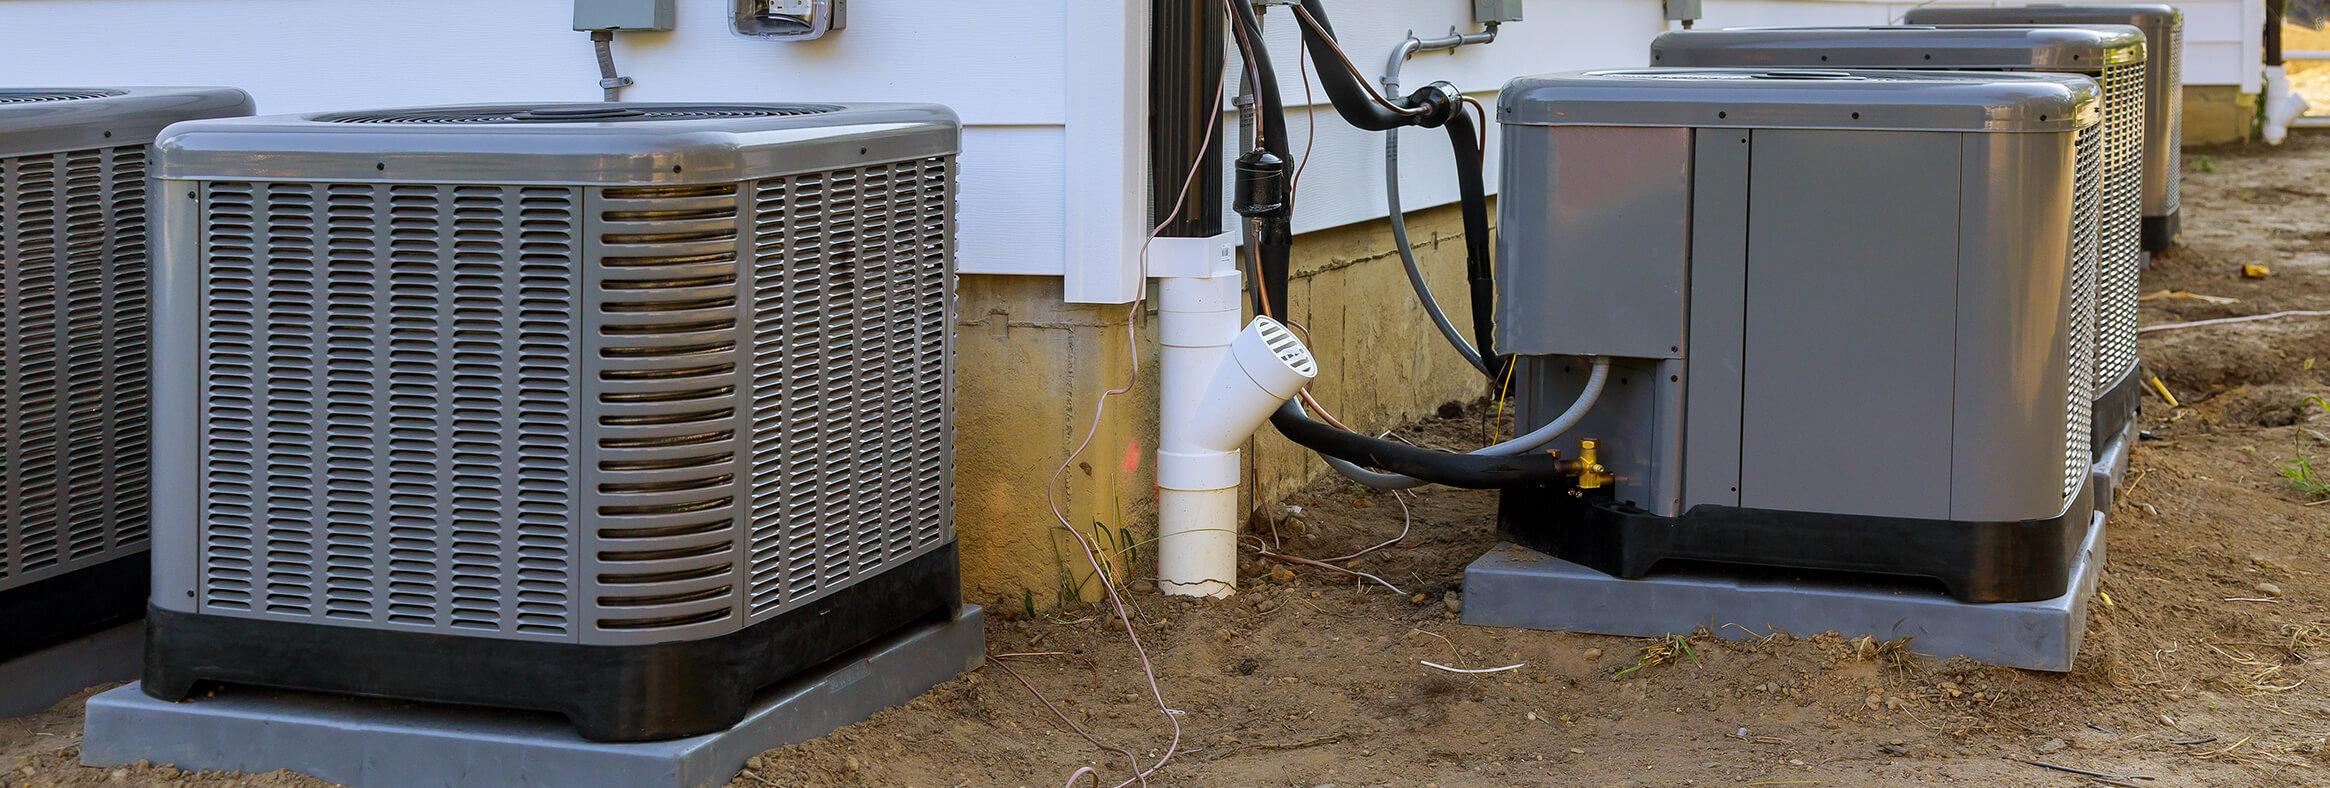 Modesto AC Installation from Derek Sawyer's